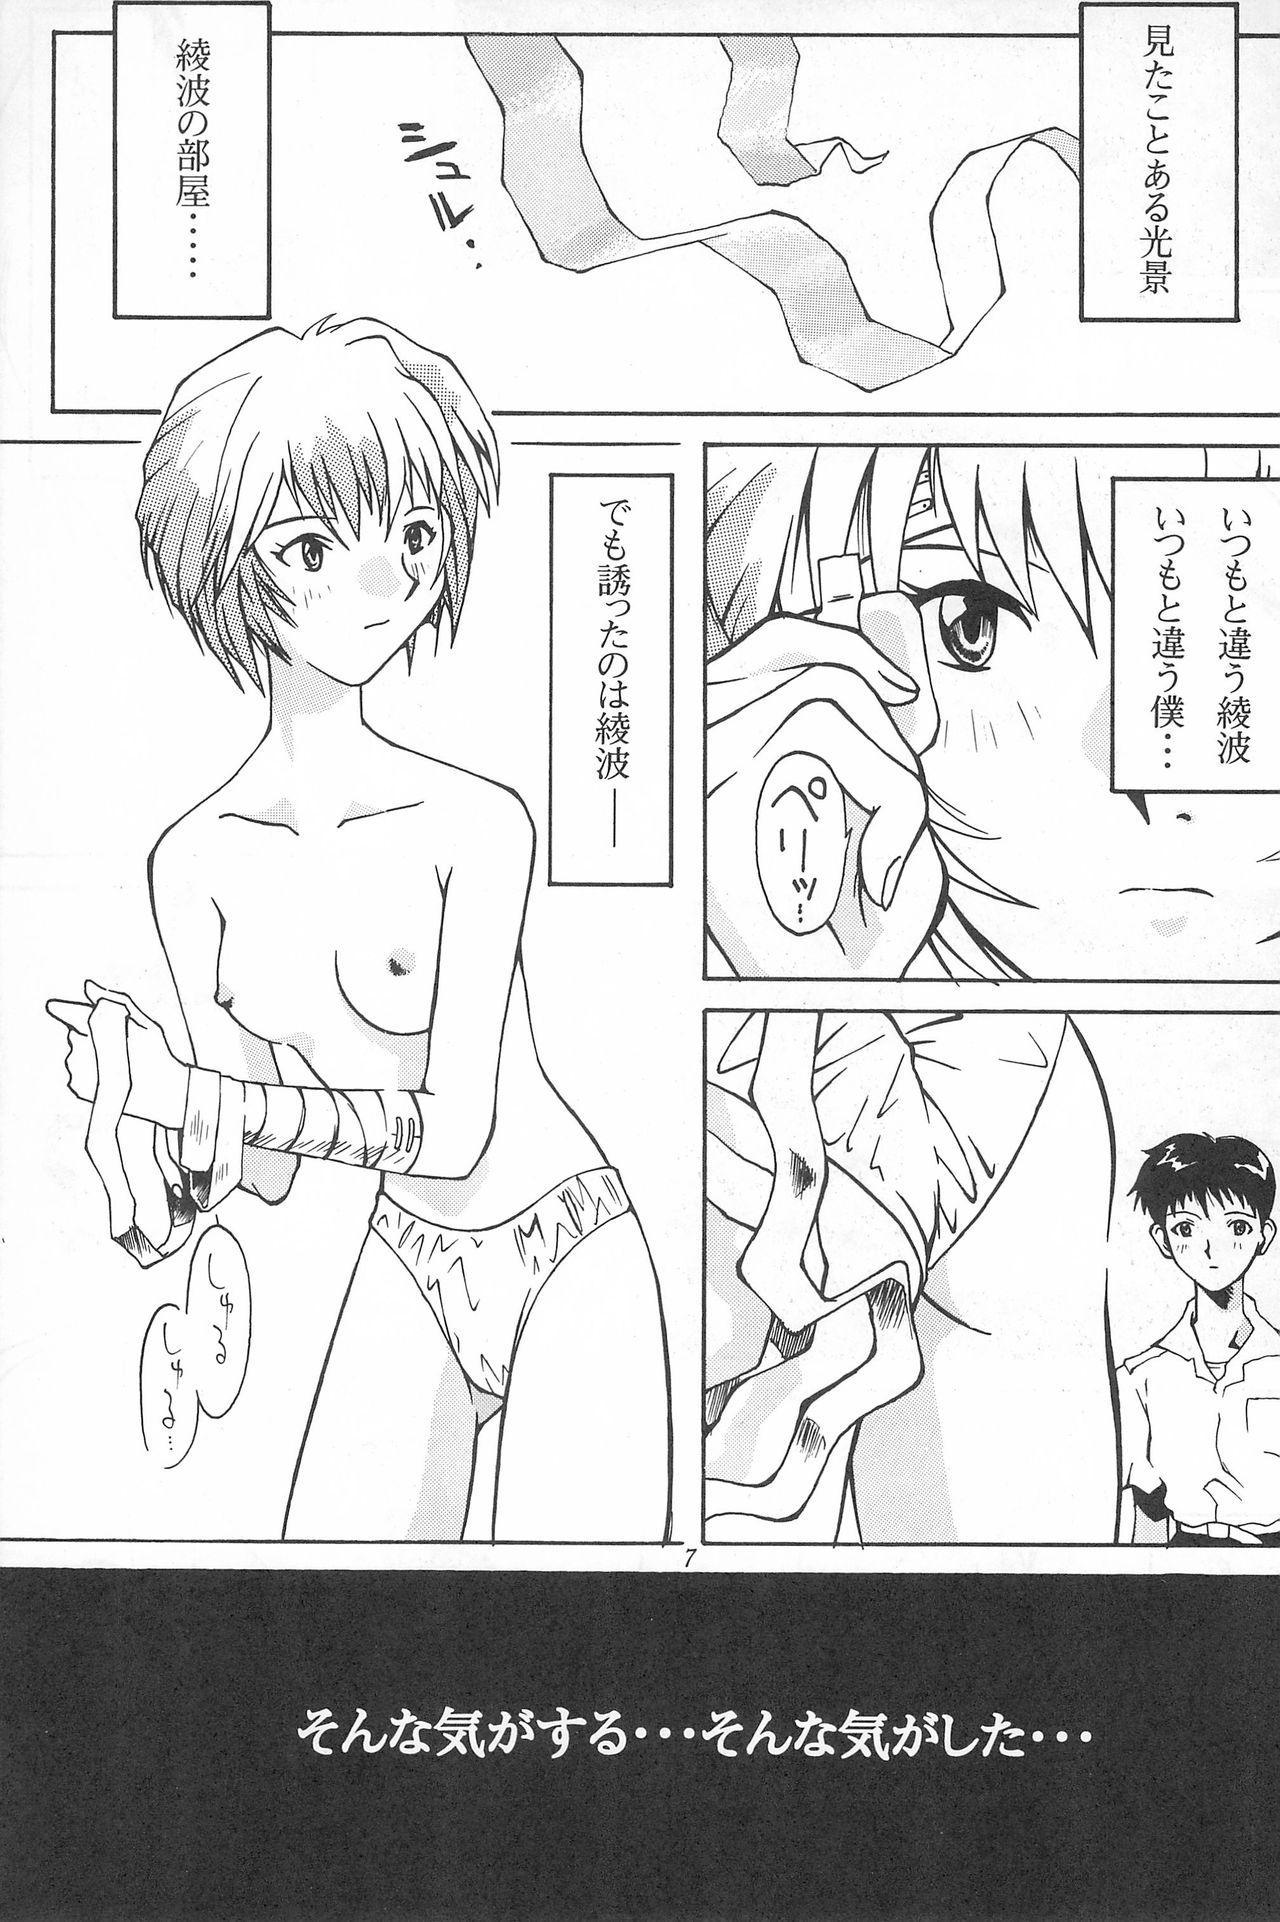 Youseiki Evanlolibon 6